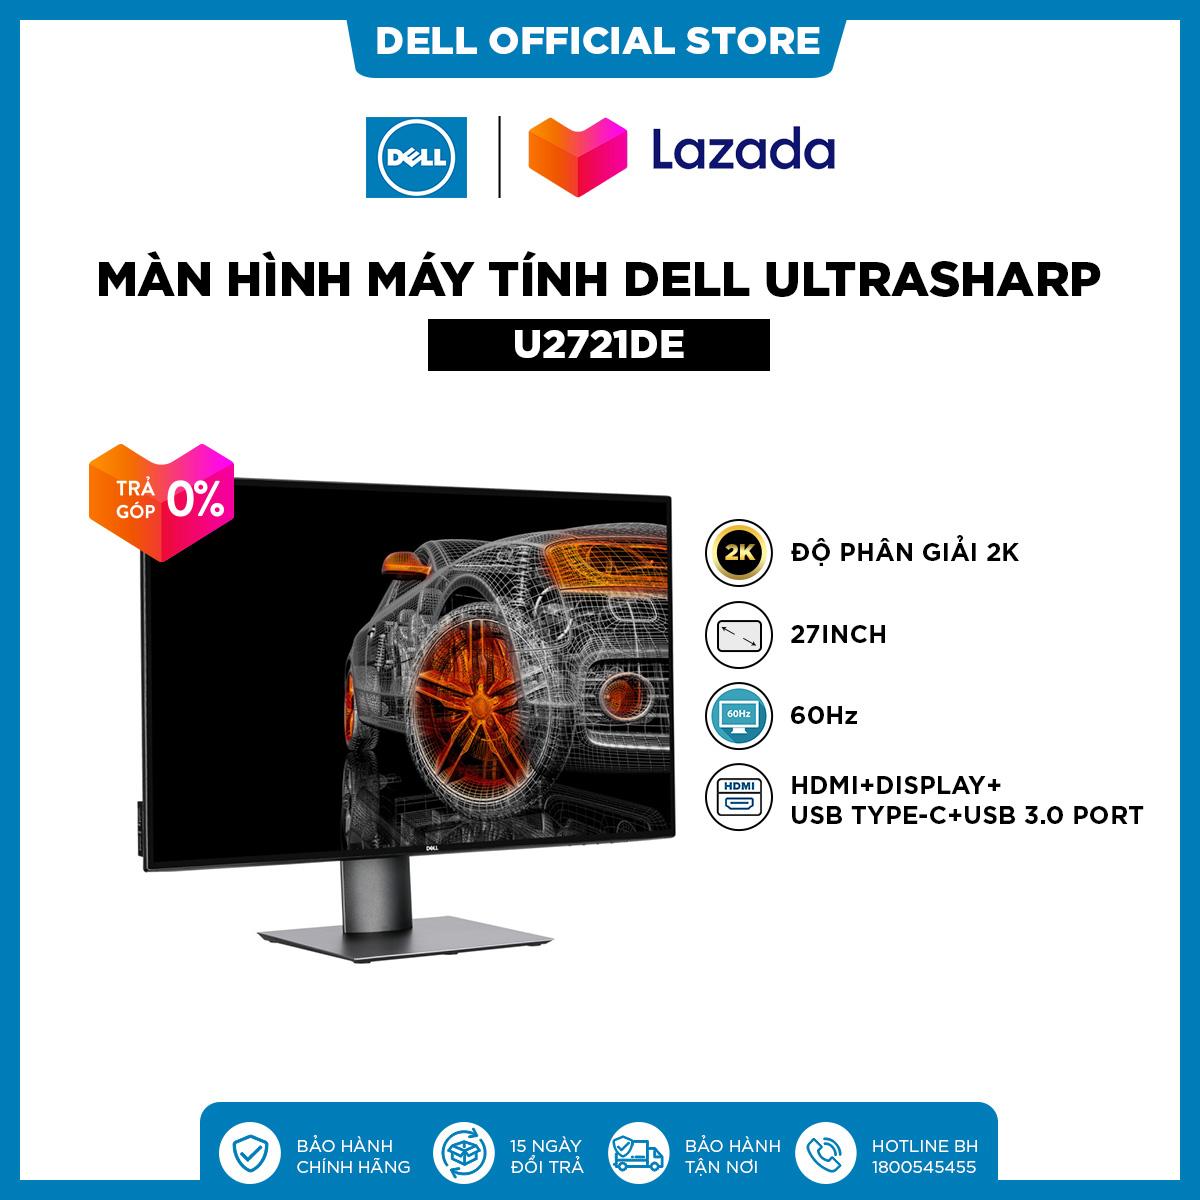 TRẢ GÓP 0%|FREESHIP|Màn Hình Máy Tính Dell UltraSharp U2721DE 27inch 2K IPS 60hz 5ms Cổng RJ45 HDMI+Display+USB Type-C+USB 3.0 Port